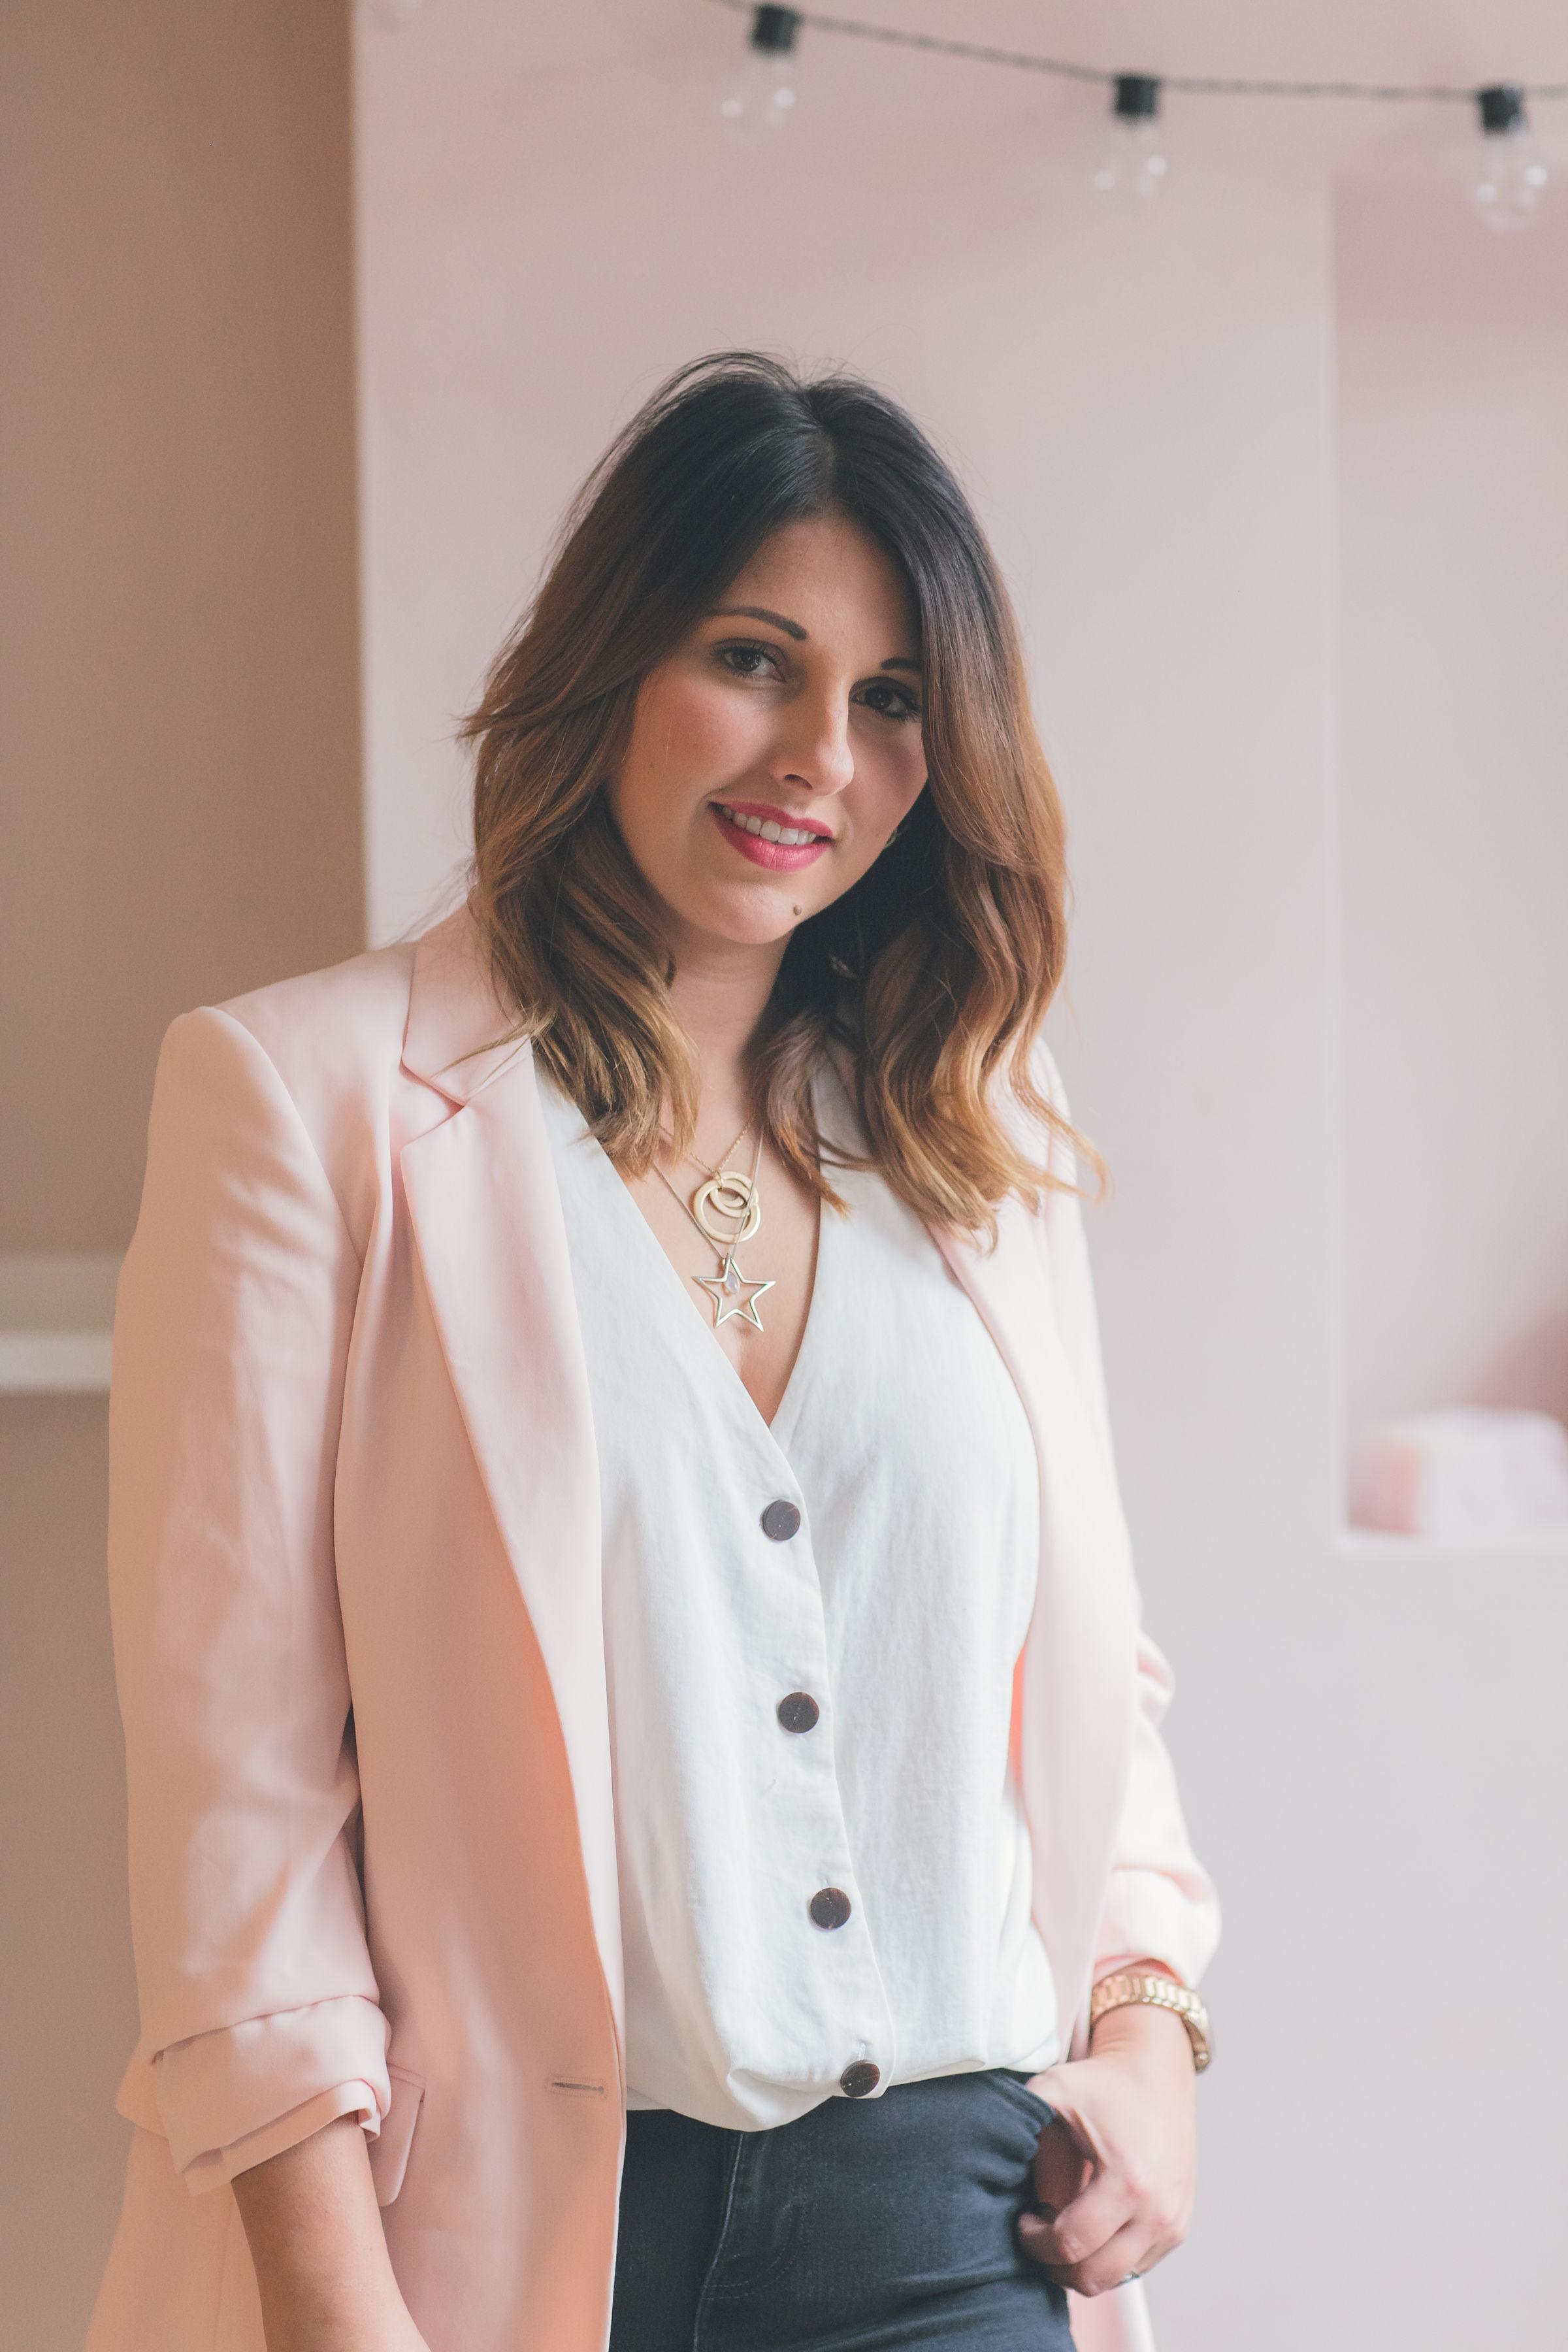 Terri Delahunty: Hair Styling Expert